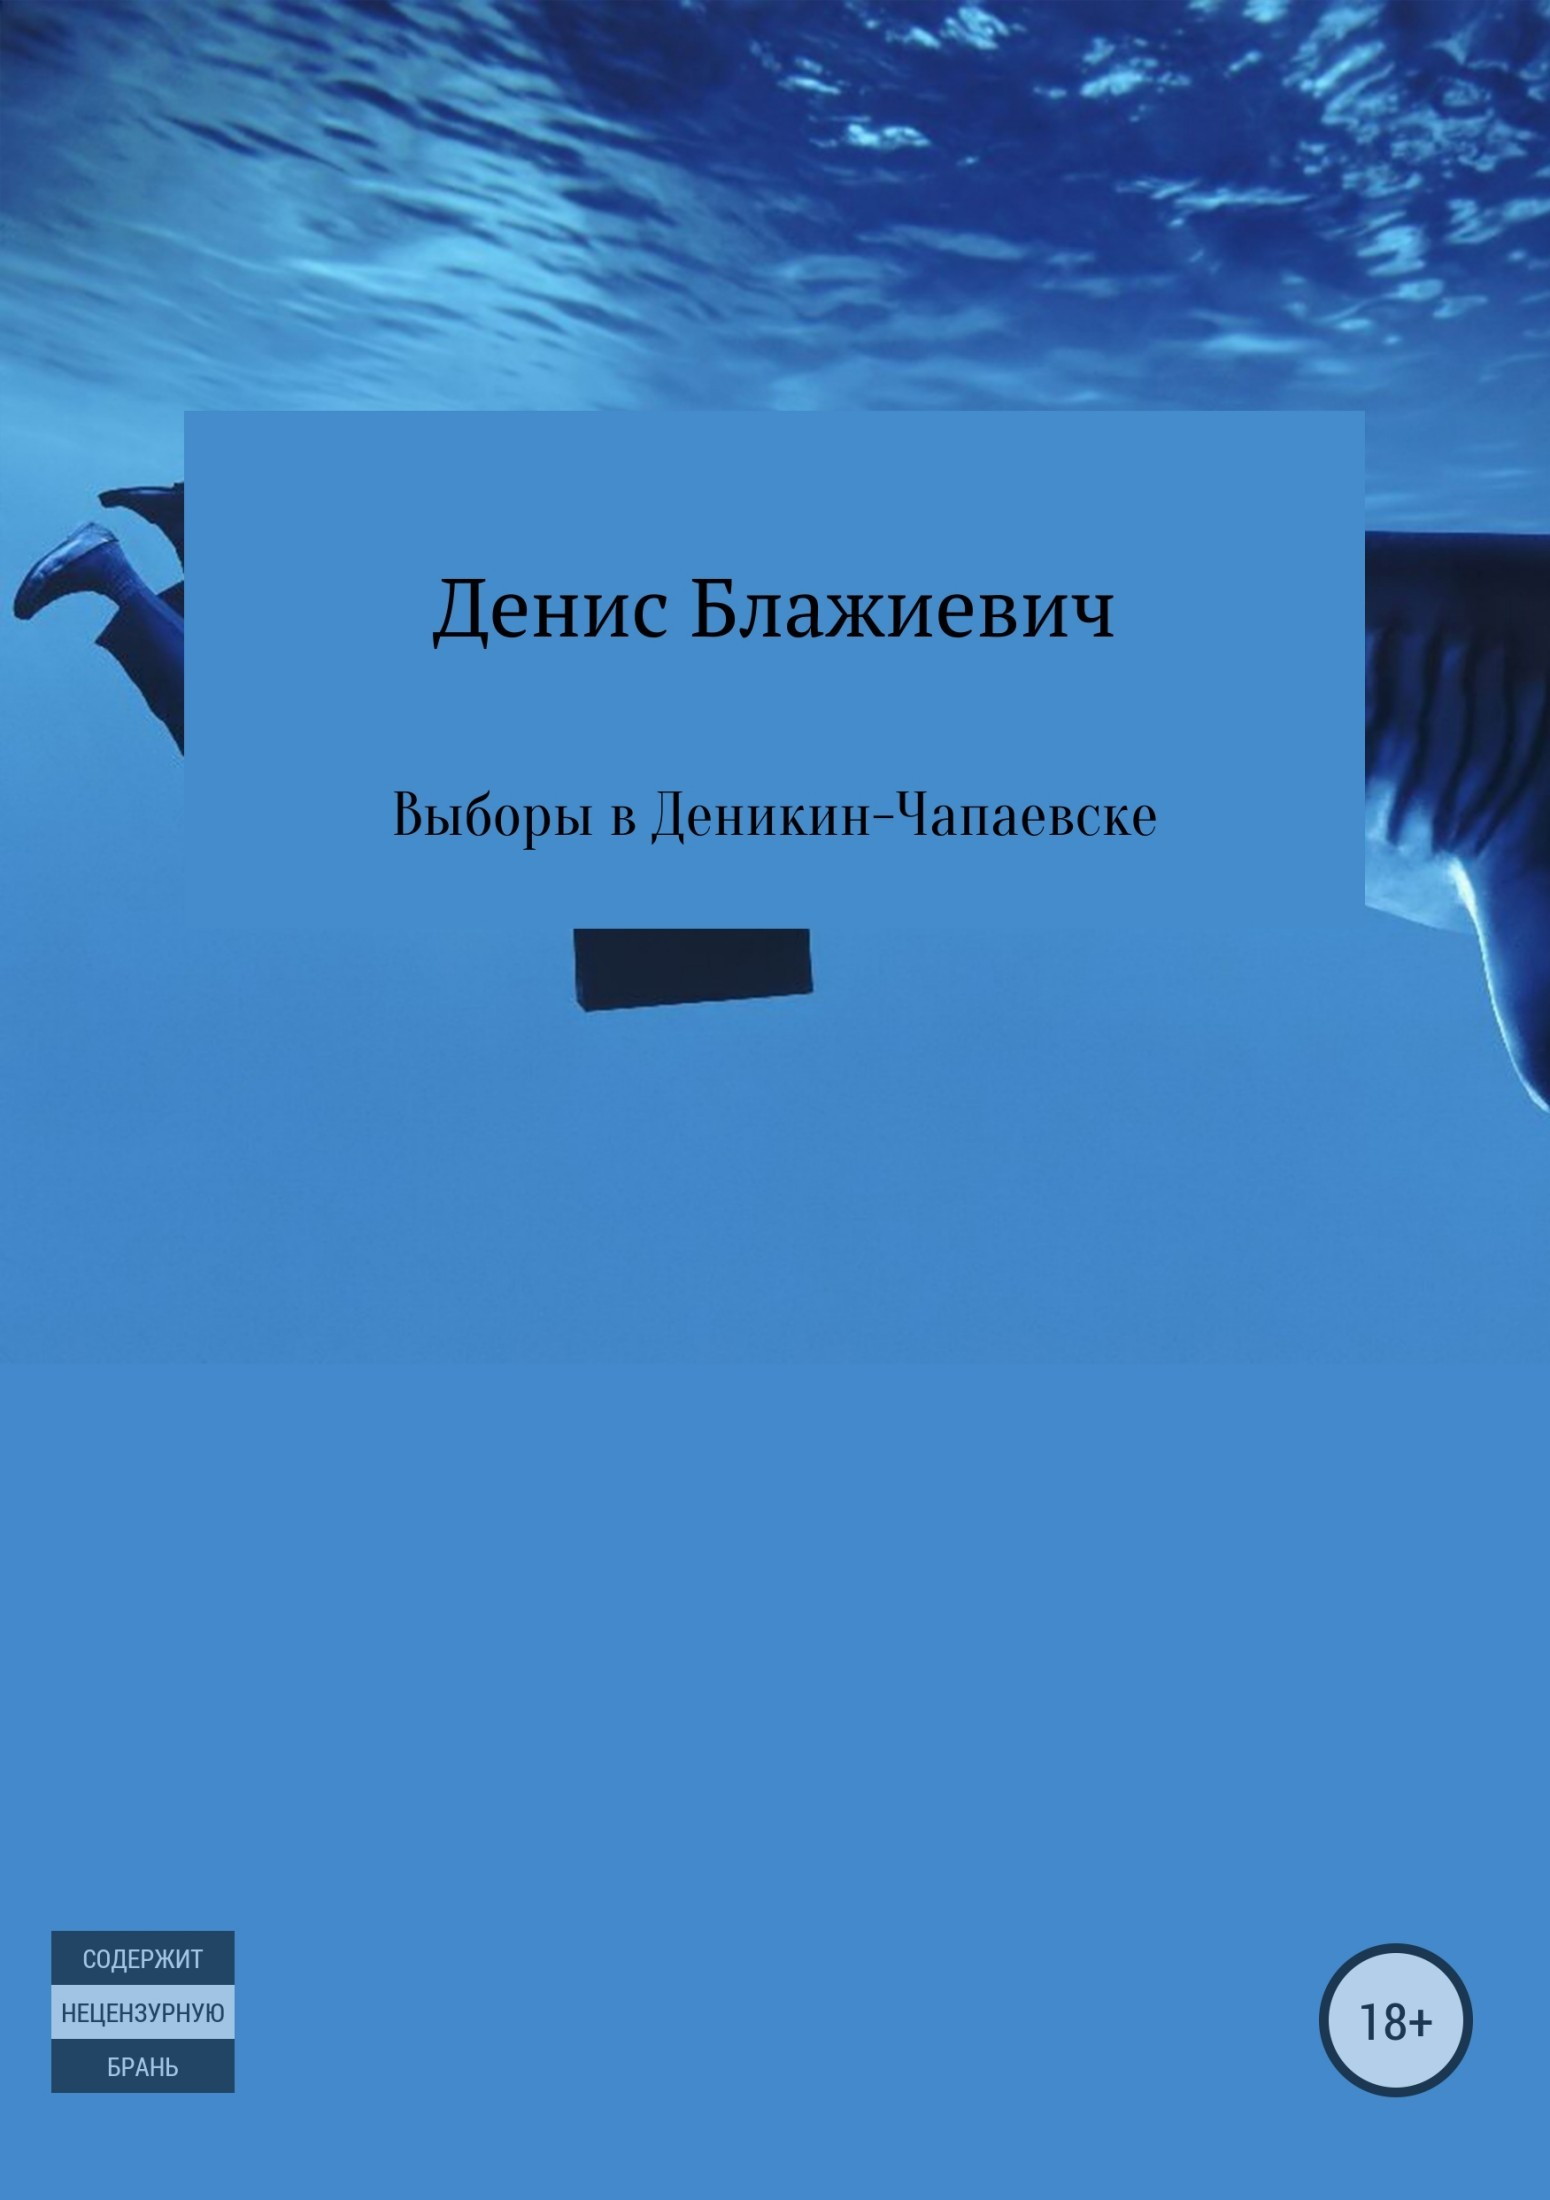 Денис Викторович Блажиевич бесплатно